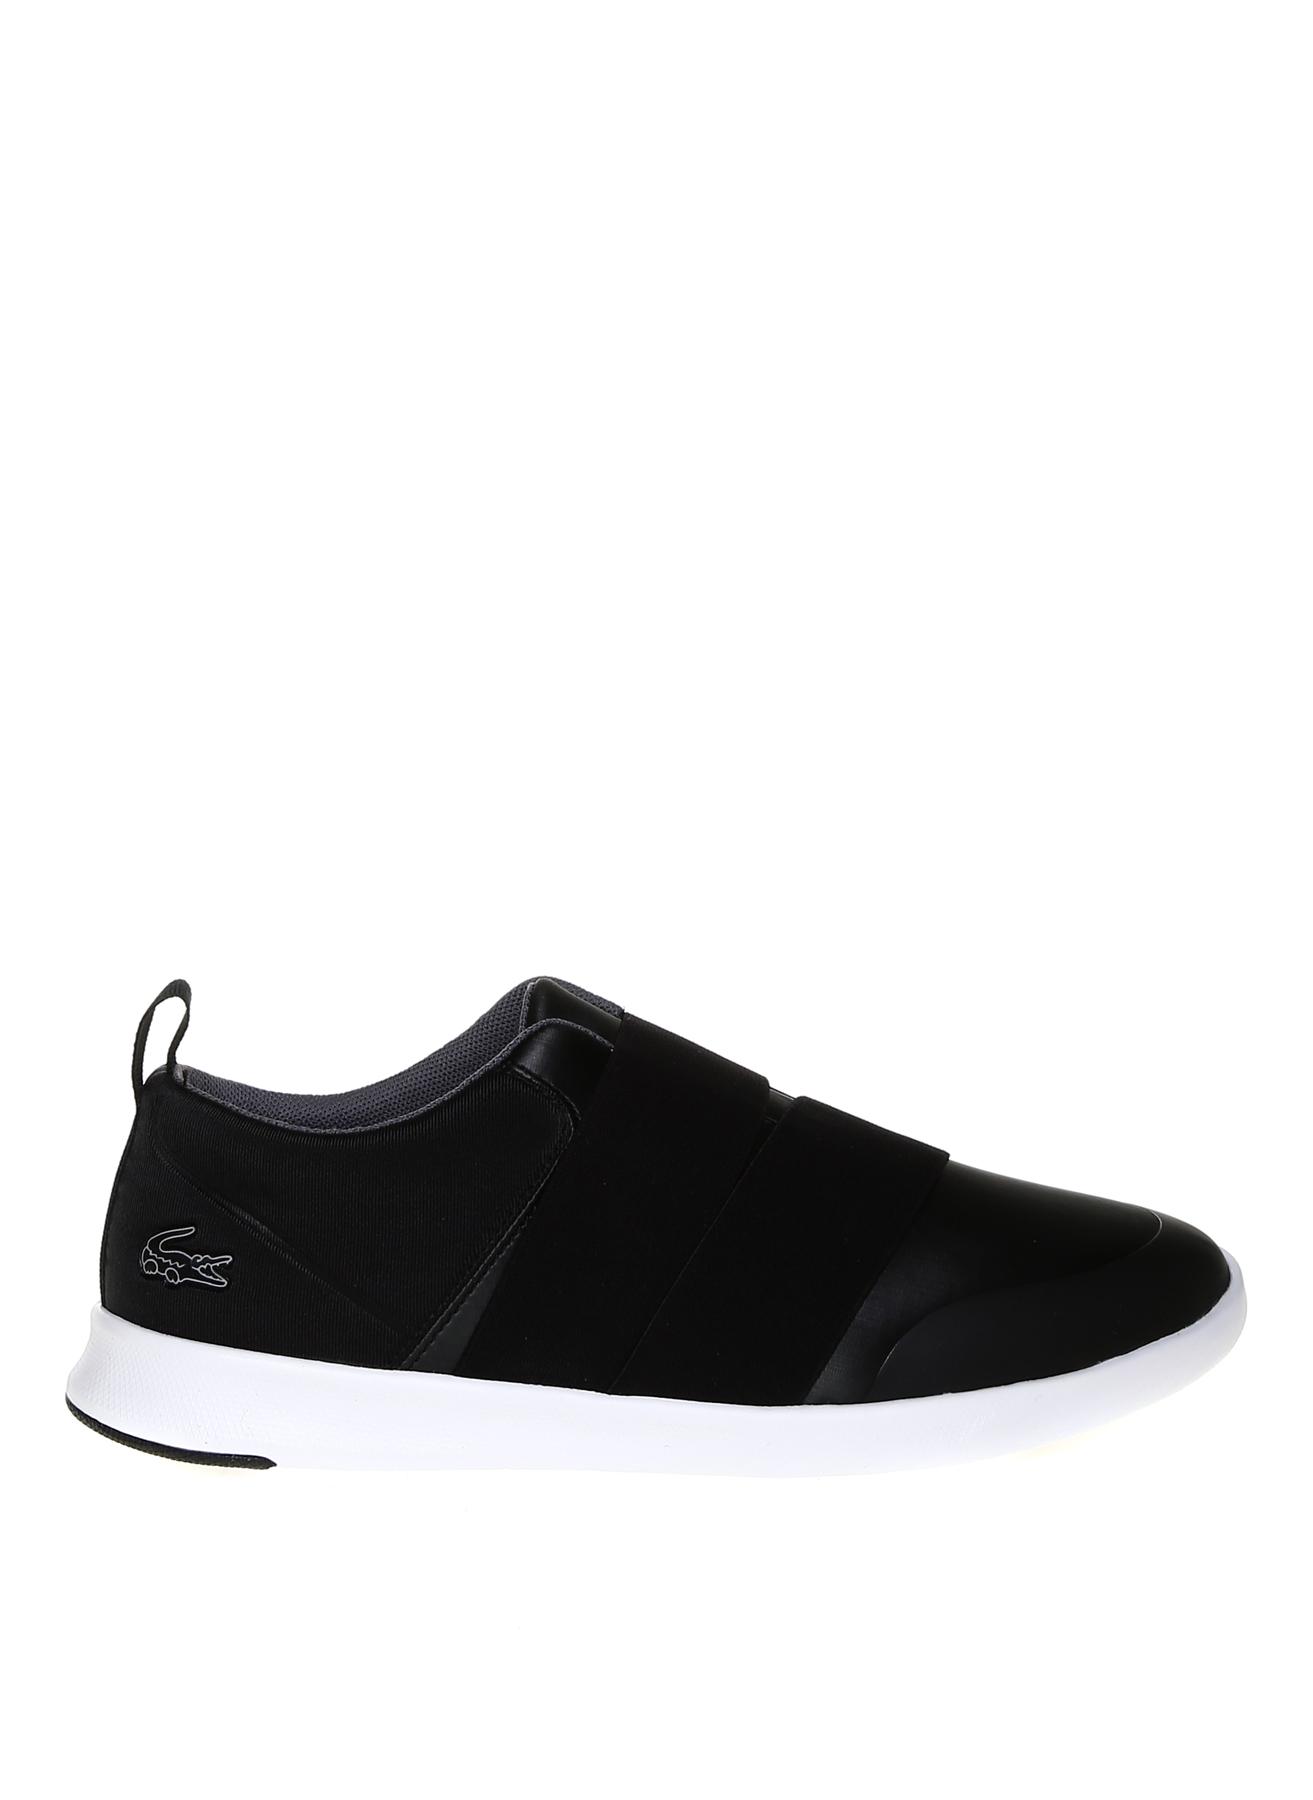 Lacoste Bantlı Siyah Lifestyle Ayakkabı 37 5002312557002 Ürün Resmi